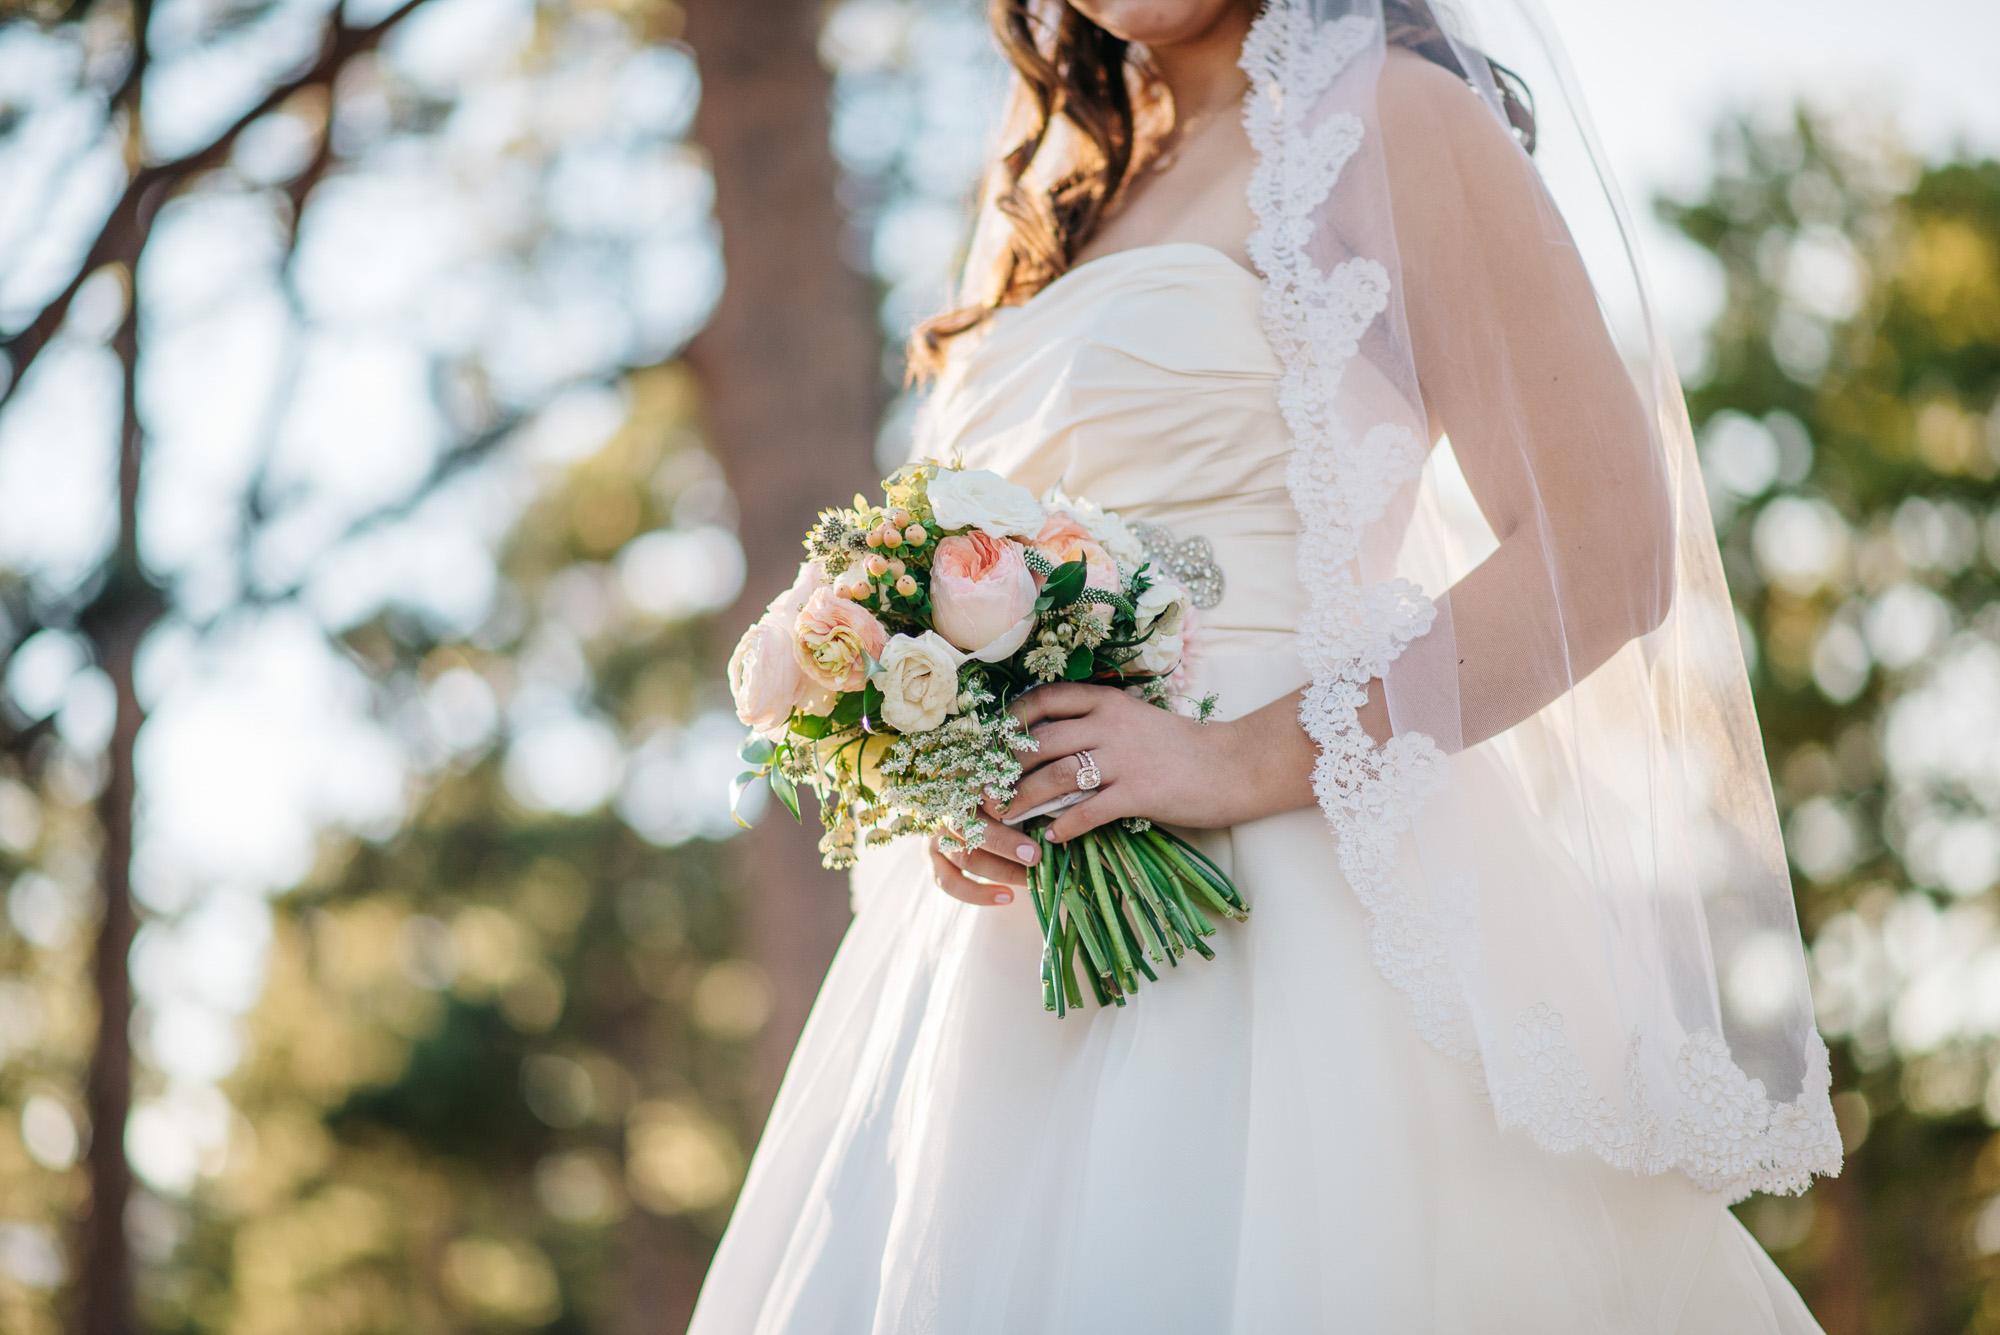 77elopement-photographer-colorado-Amanda&Sam-Denver_wedding-2675.jpg